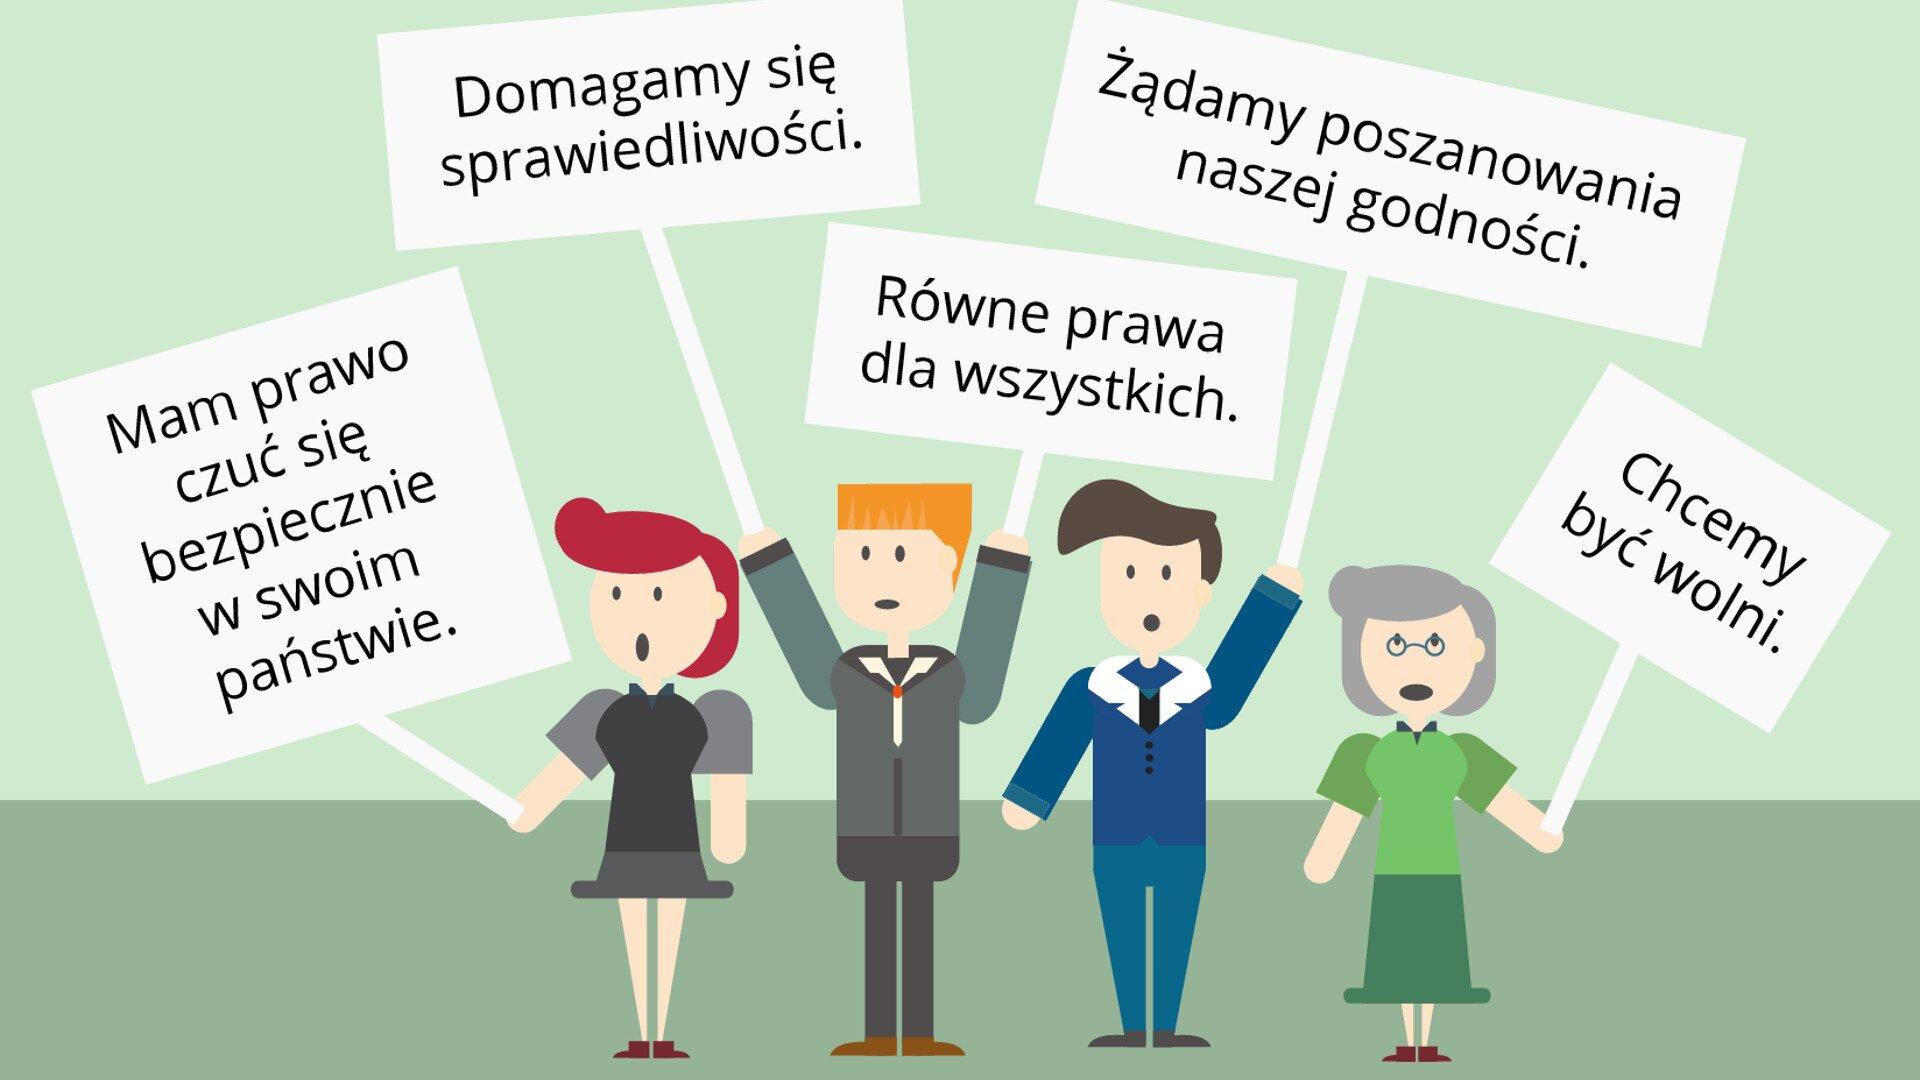 Młodzi ludzie, jak na pikiecie Źródło: Contentplus.pl sp. zo.o., licencja: CC BY 3.0.